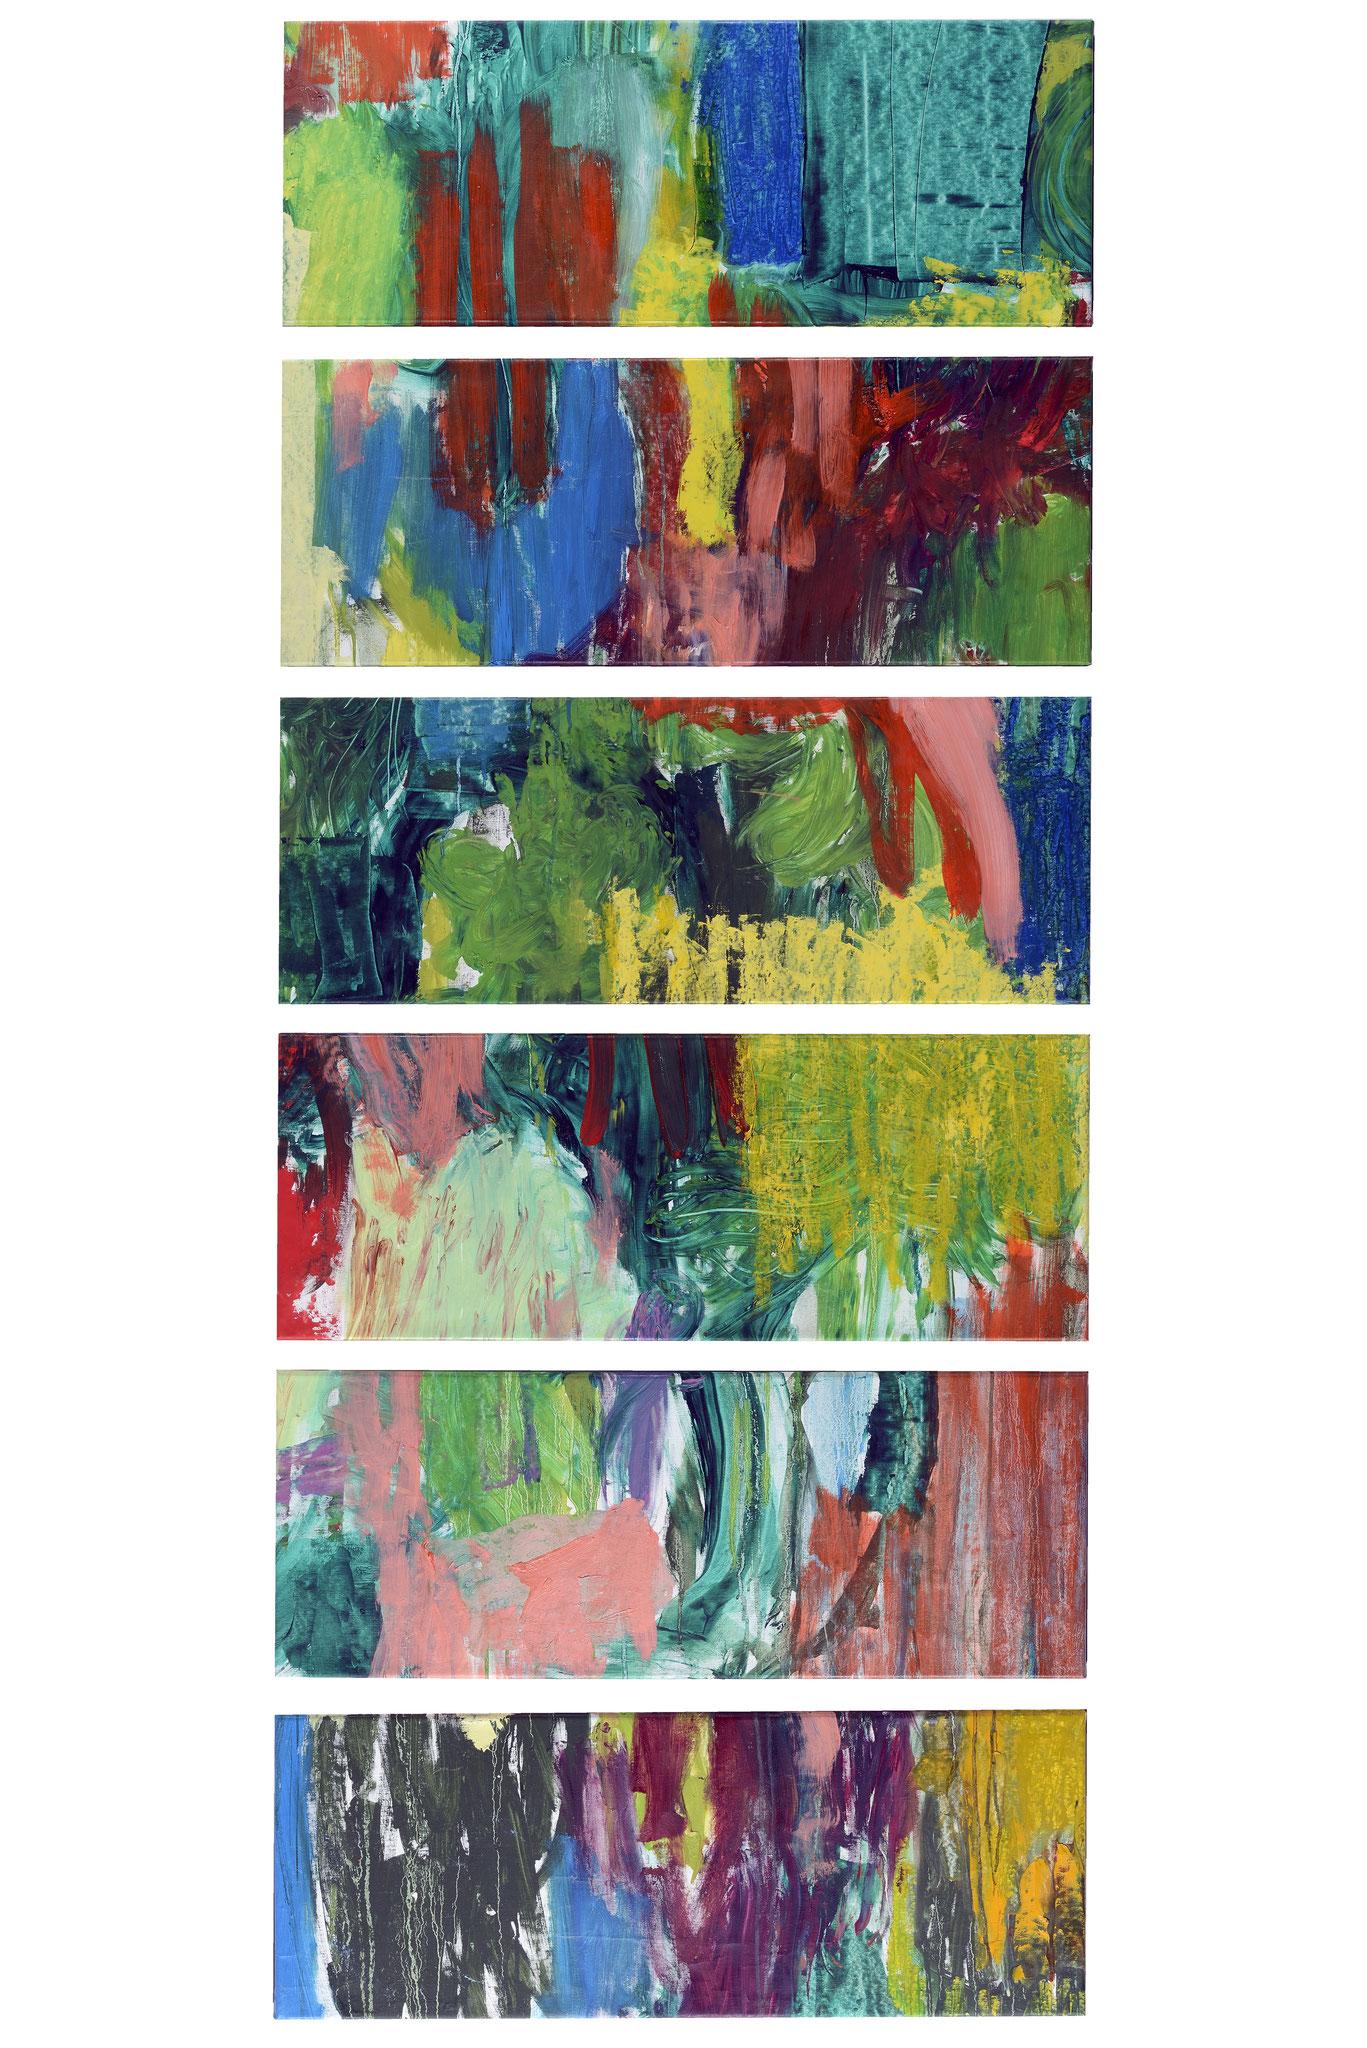 Dschungel des Lächelns / Objekt aus 6 Bildern / je 30cmx80cm / Öl auf Leinwand / 2015